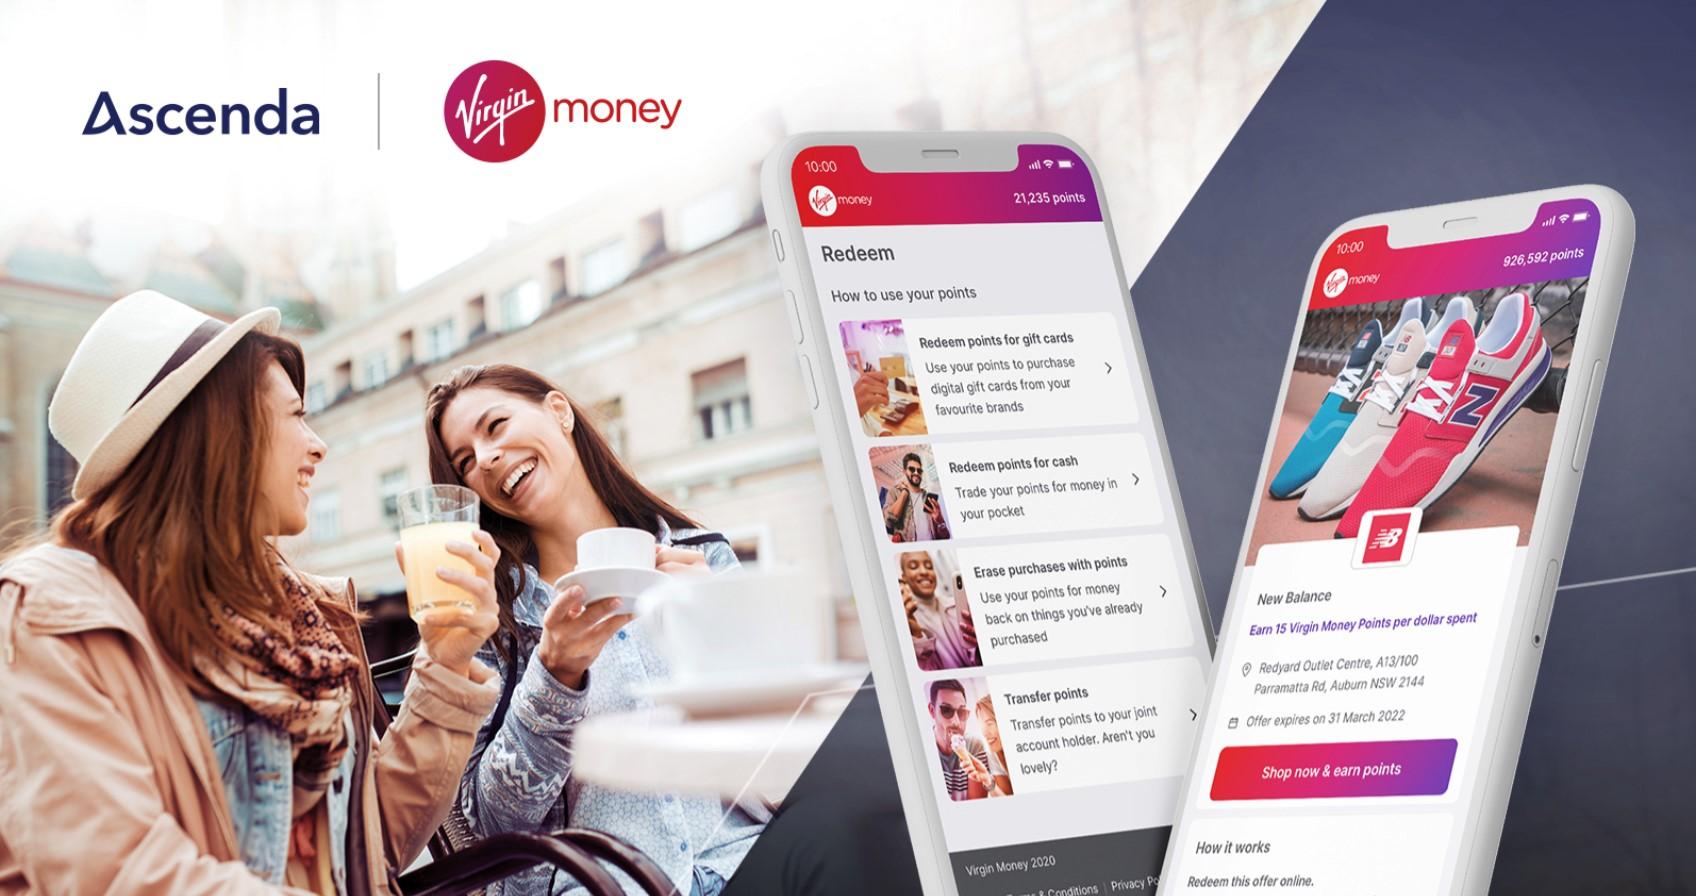 Virgin Money Australia rewards scheme